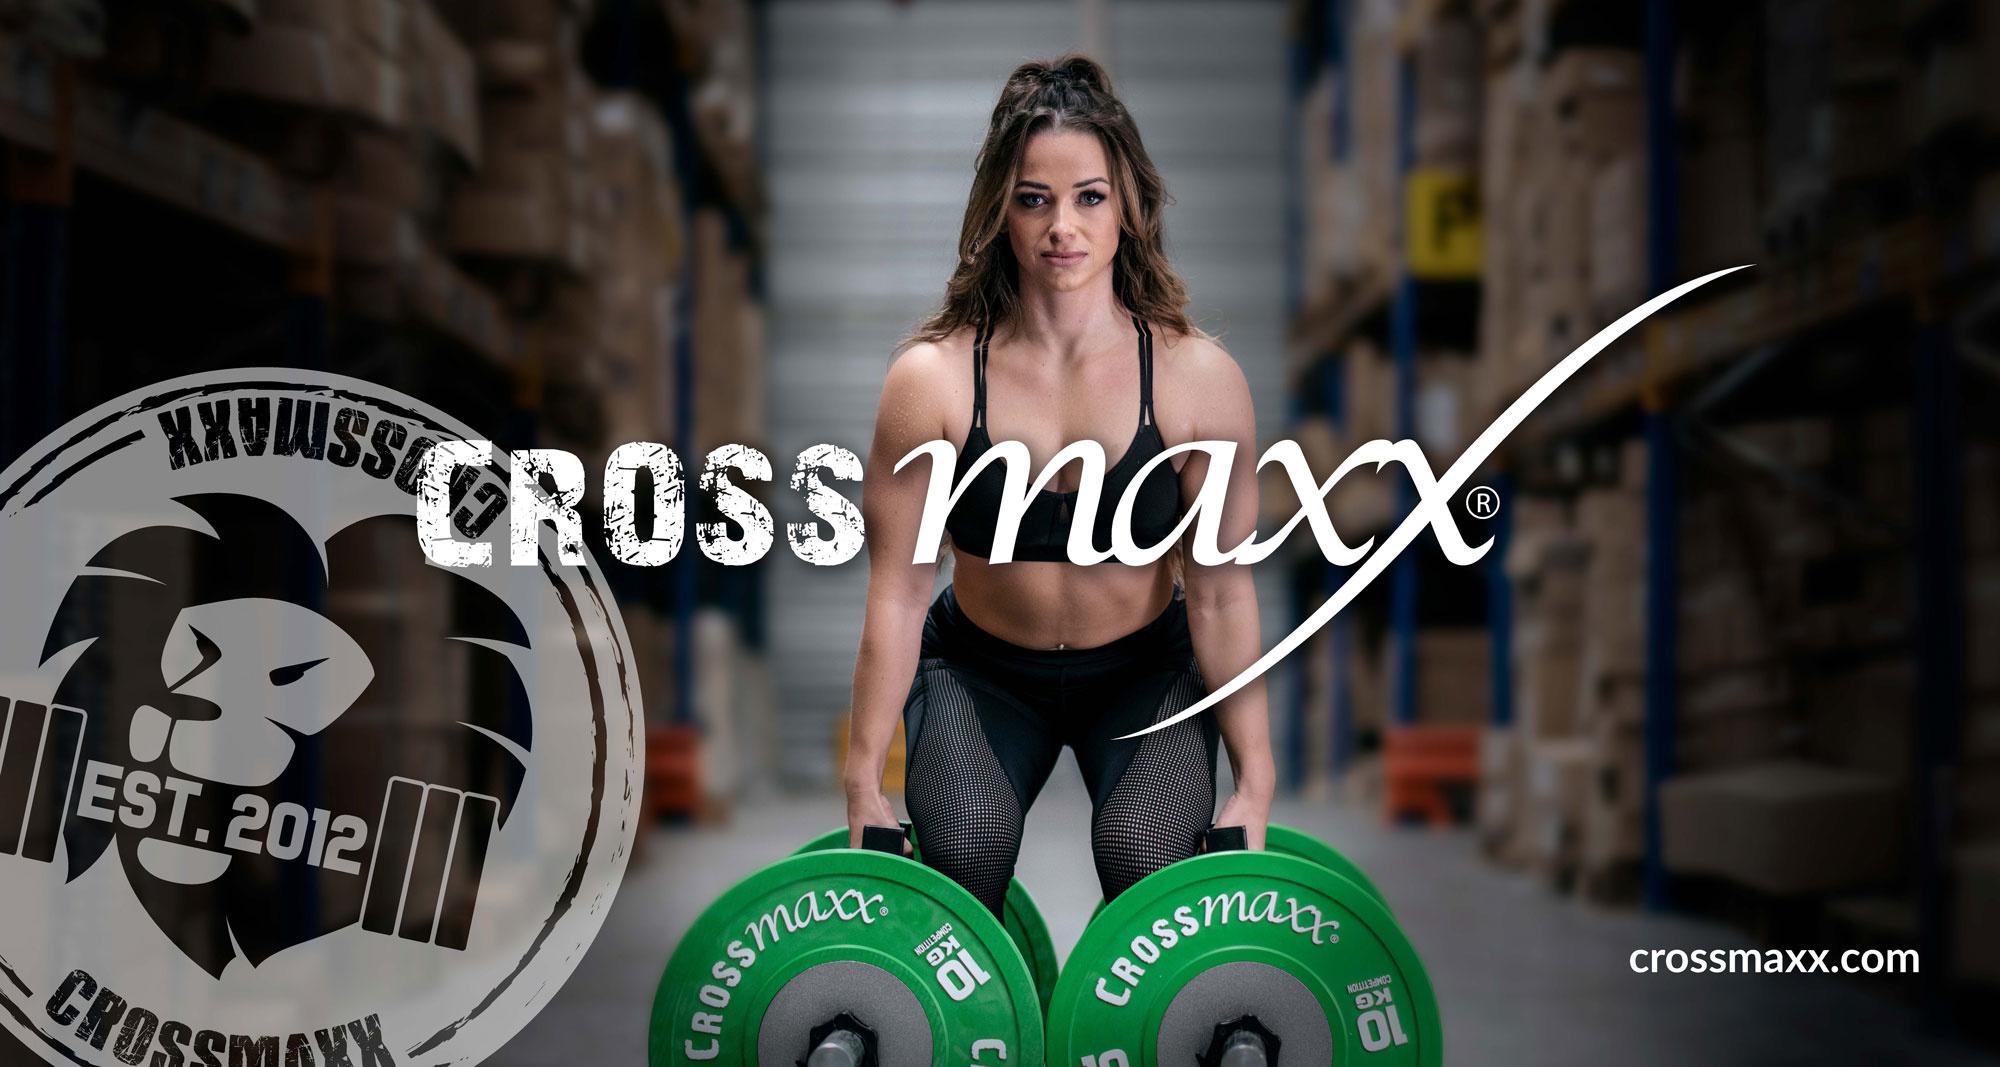 Crossmaxx® LMX2216 Crossmaxx® banner 300x160cm